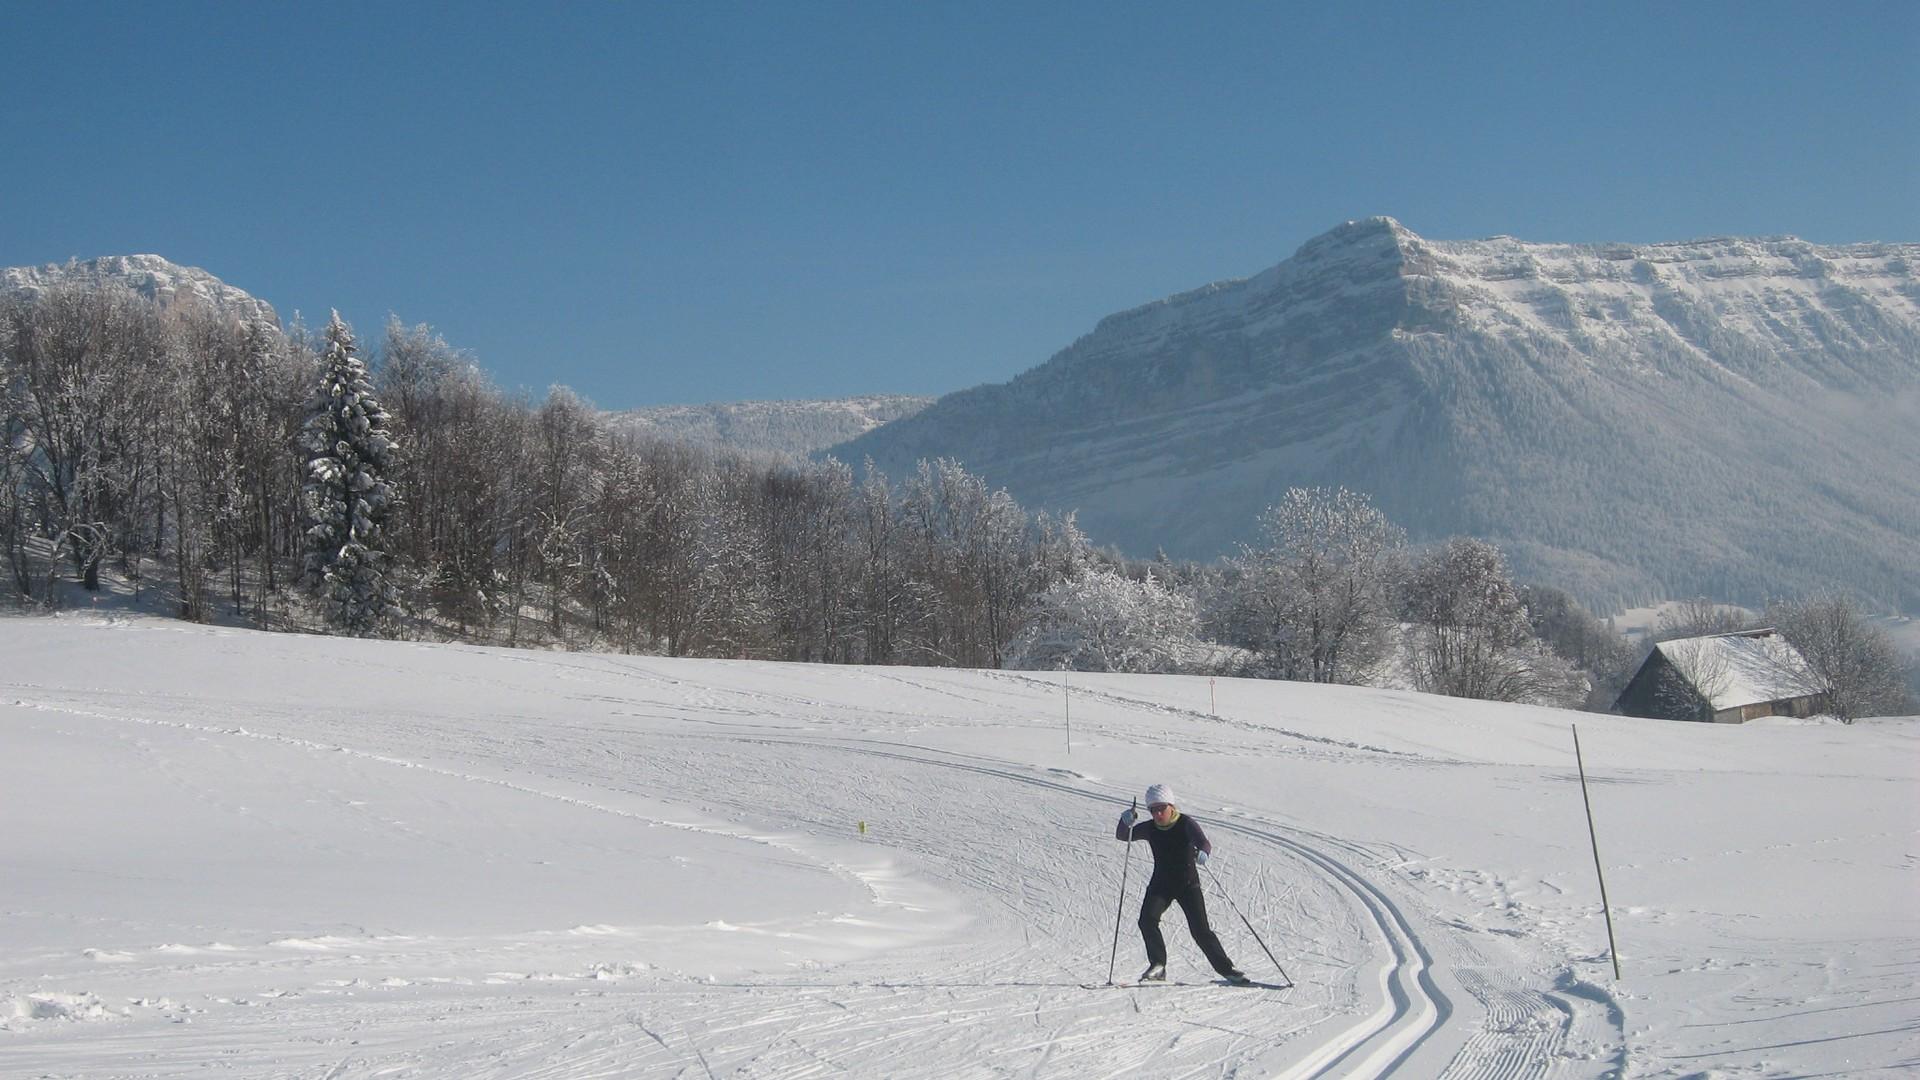 Station ski nordique - Le Désert d'Entremont